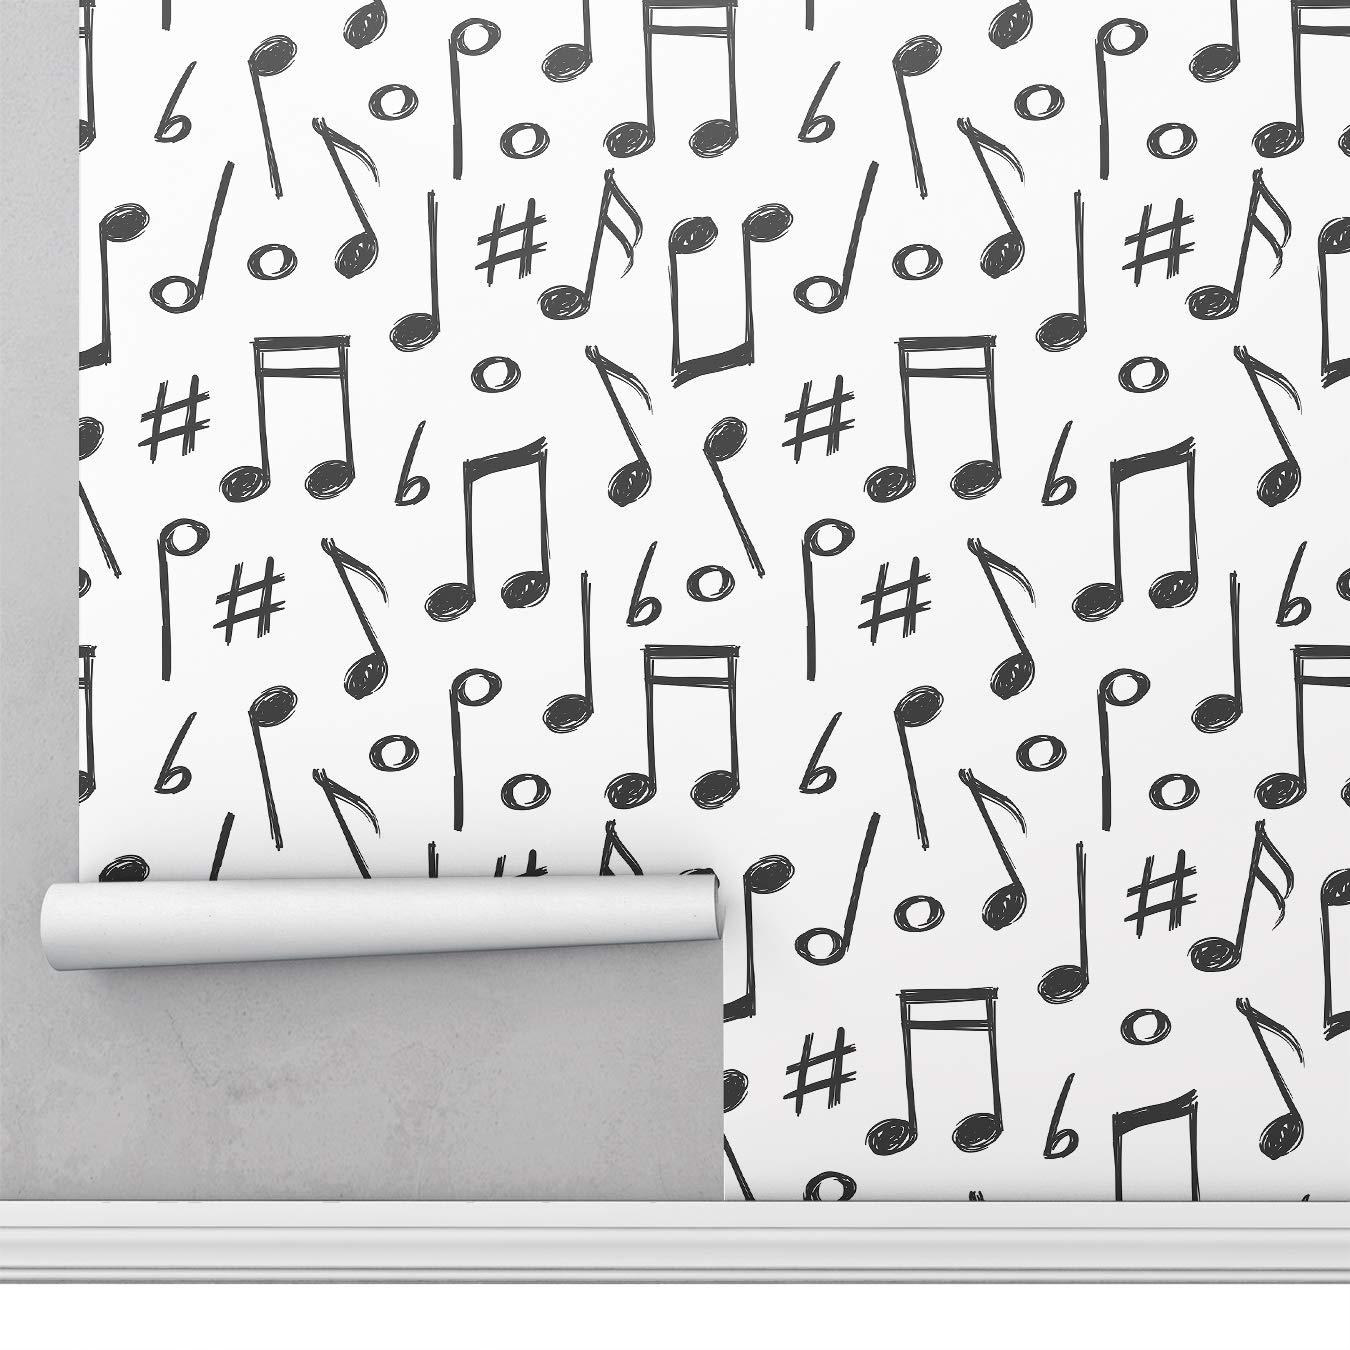 Material Vinilo Impermeable Oficina y Tienda Cocina Papel Pintado de Vinilo Autoadhesivo 45cm*5m para Pared del Hogar Duradero y Removible Nota musical